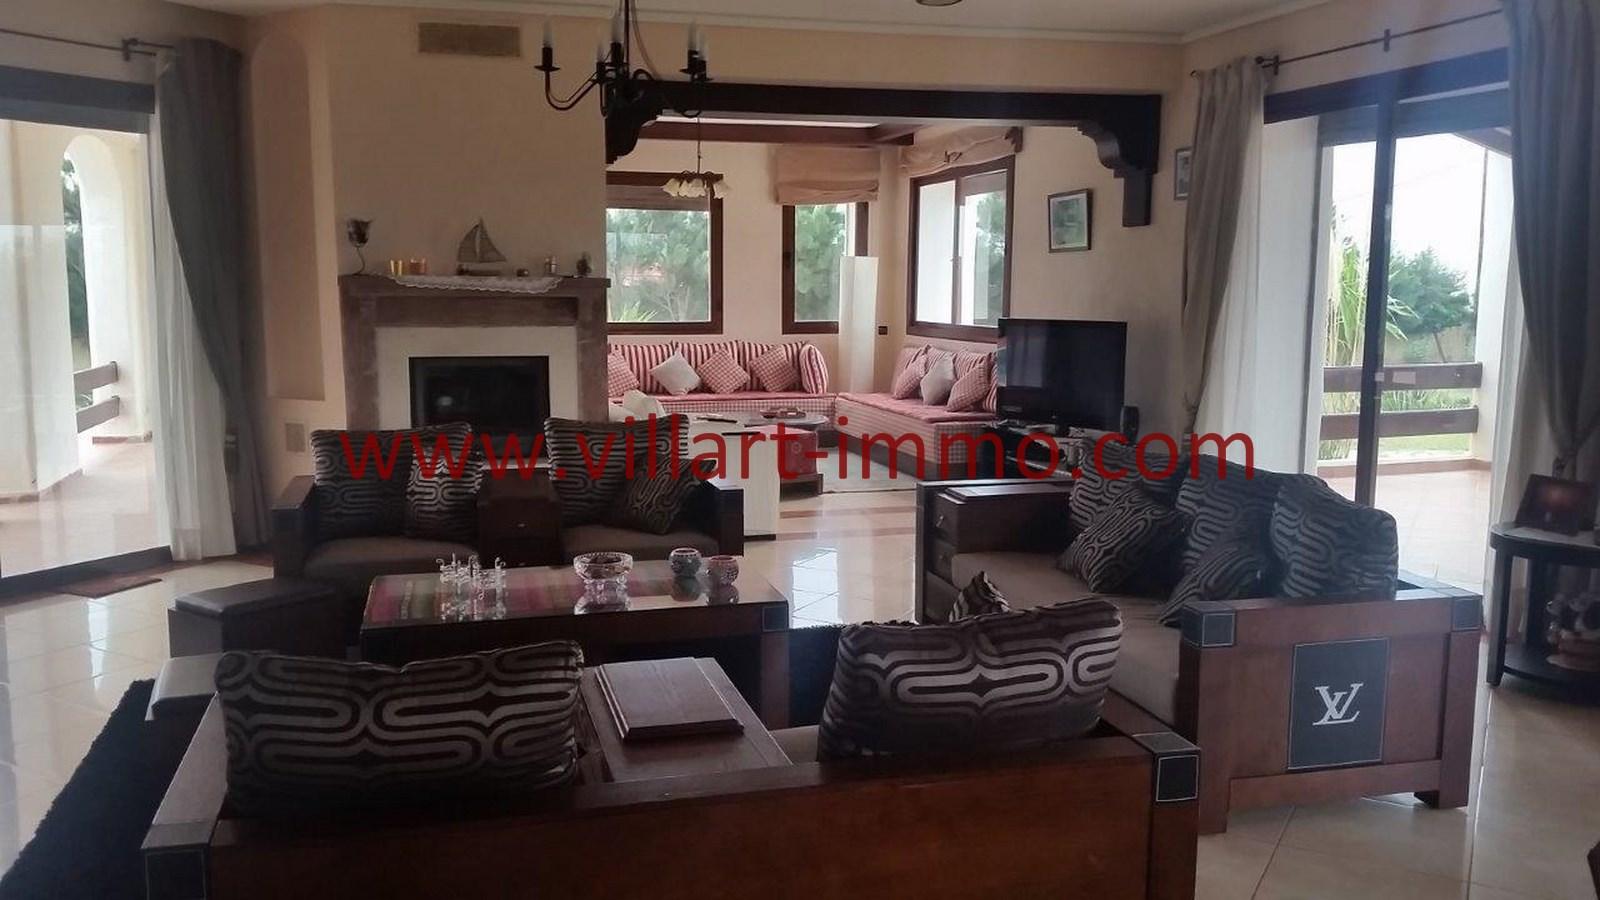 1-a-louer-villa-meublee-tanger-achakar-salon-1-lsat914-villart-immo